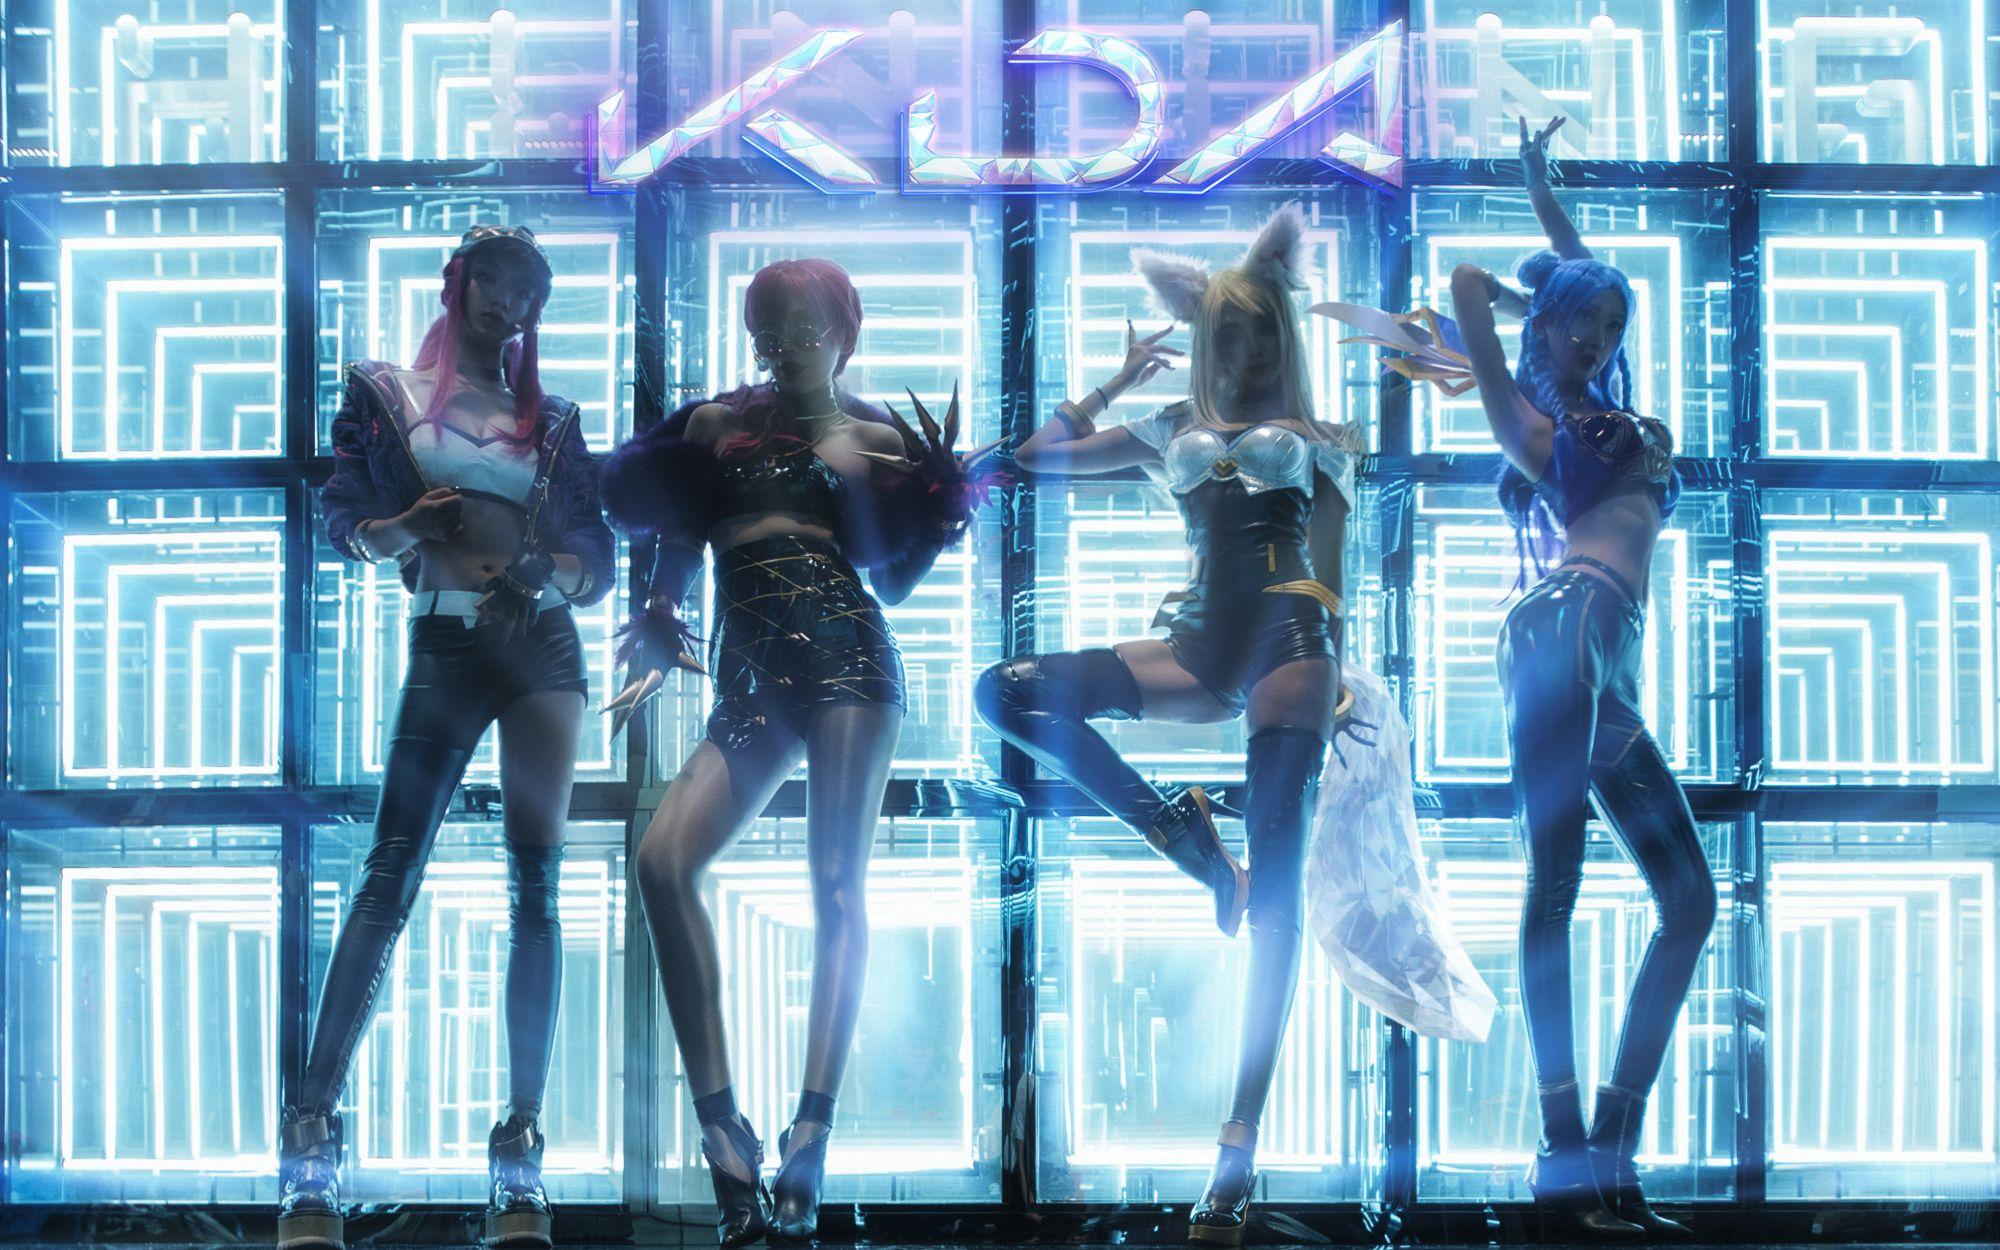 英雄联盟cosplay系列:KDA真人翻版表演,据说成本六位数